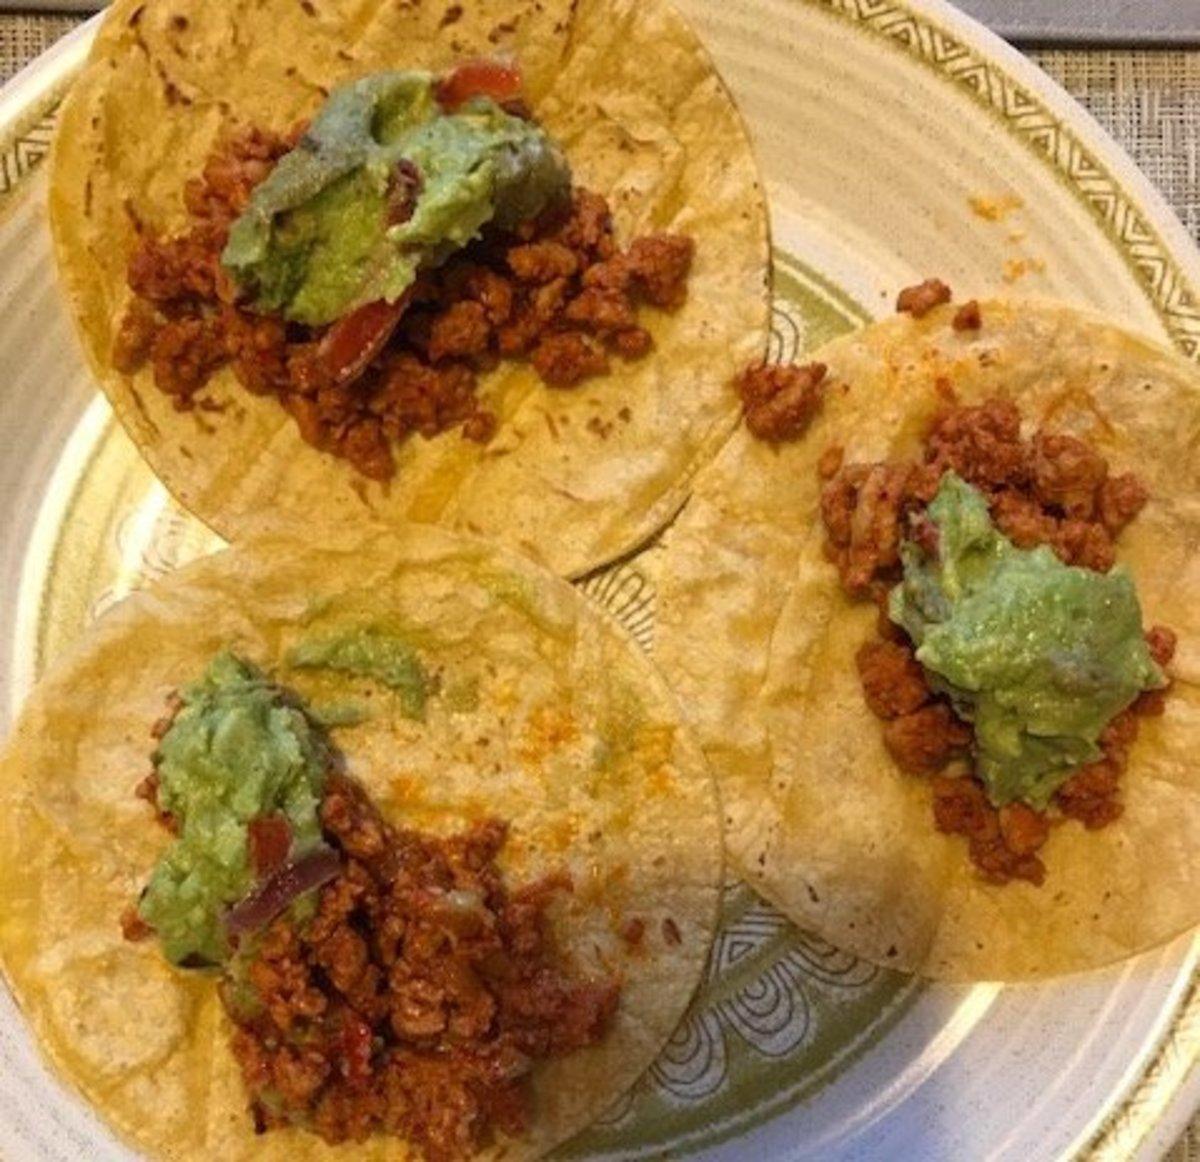 Al pastor tacos dolloped with delicious guacamole.